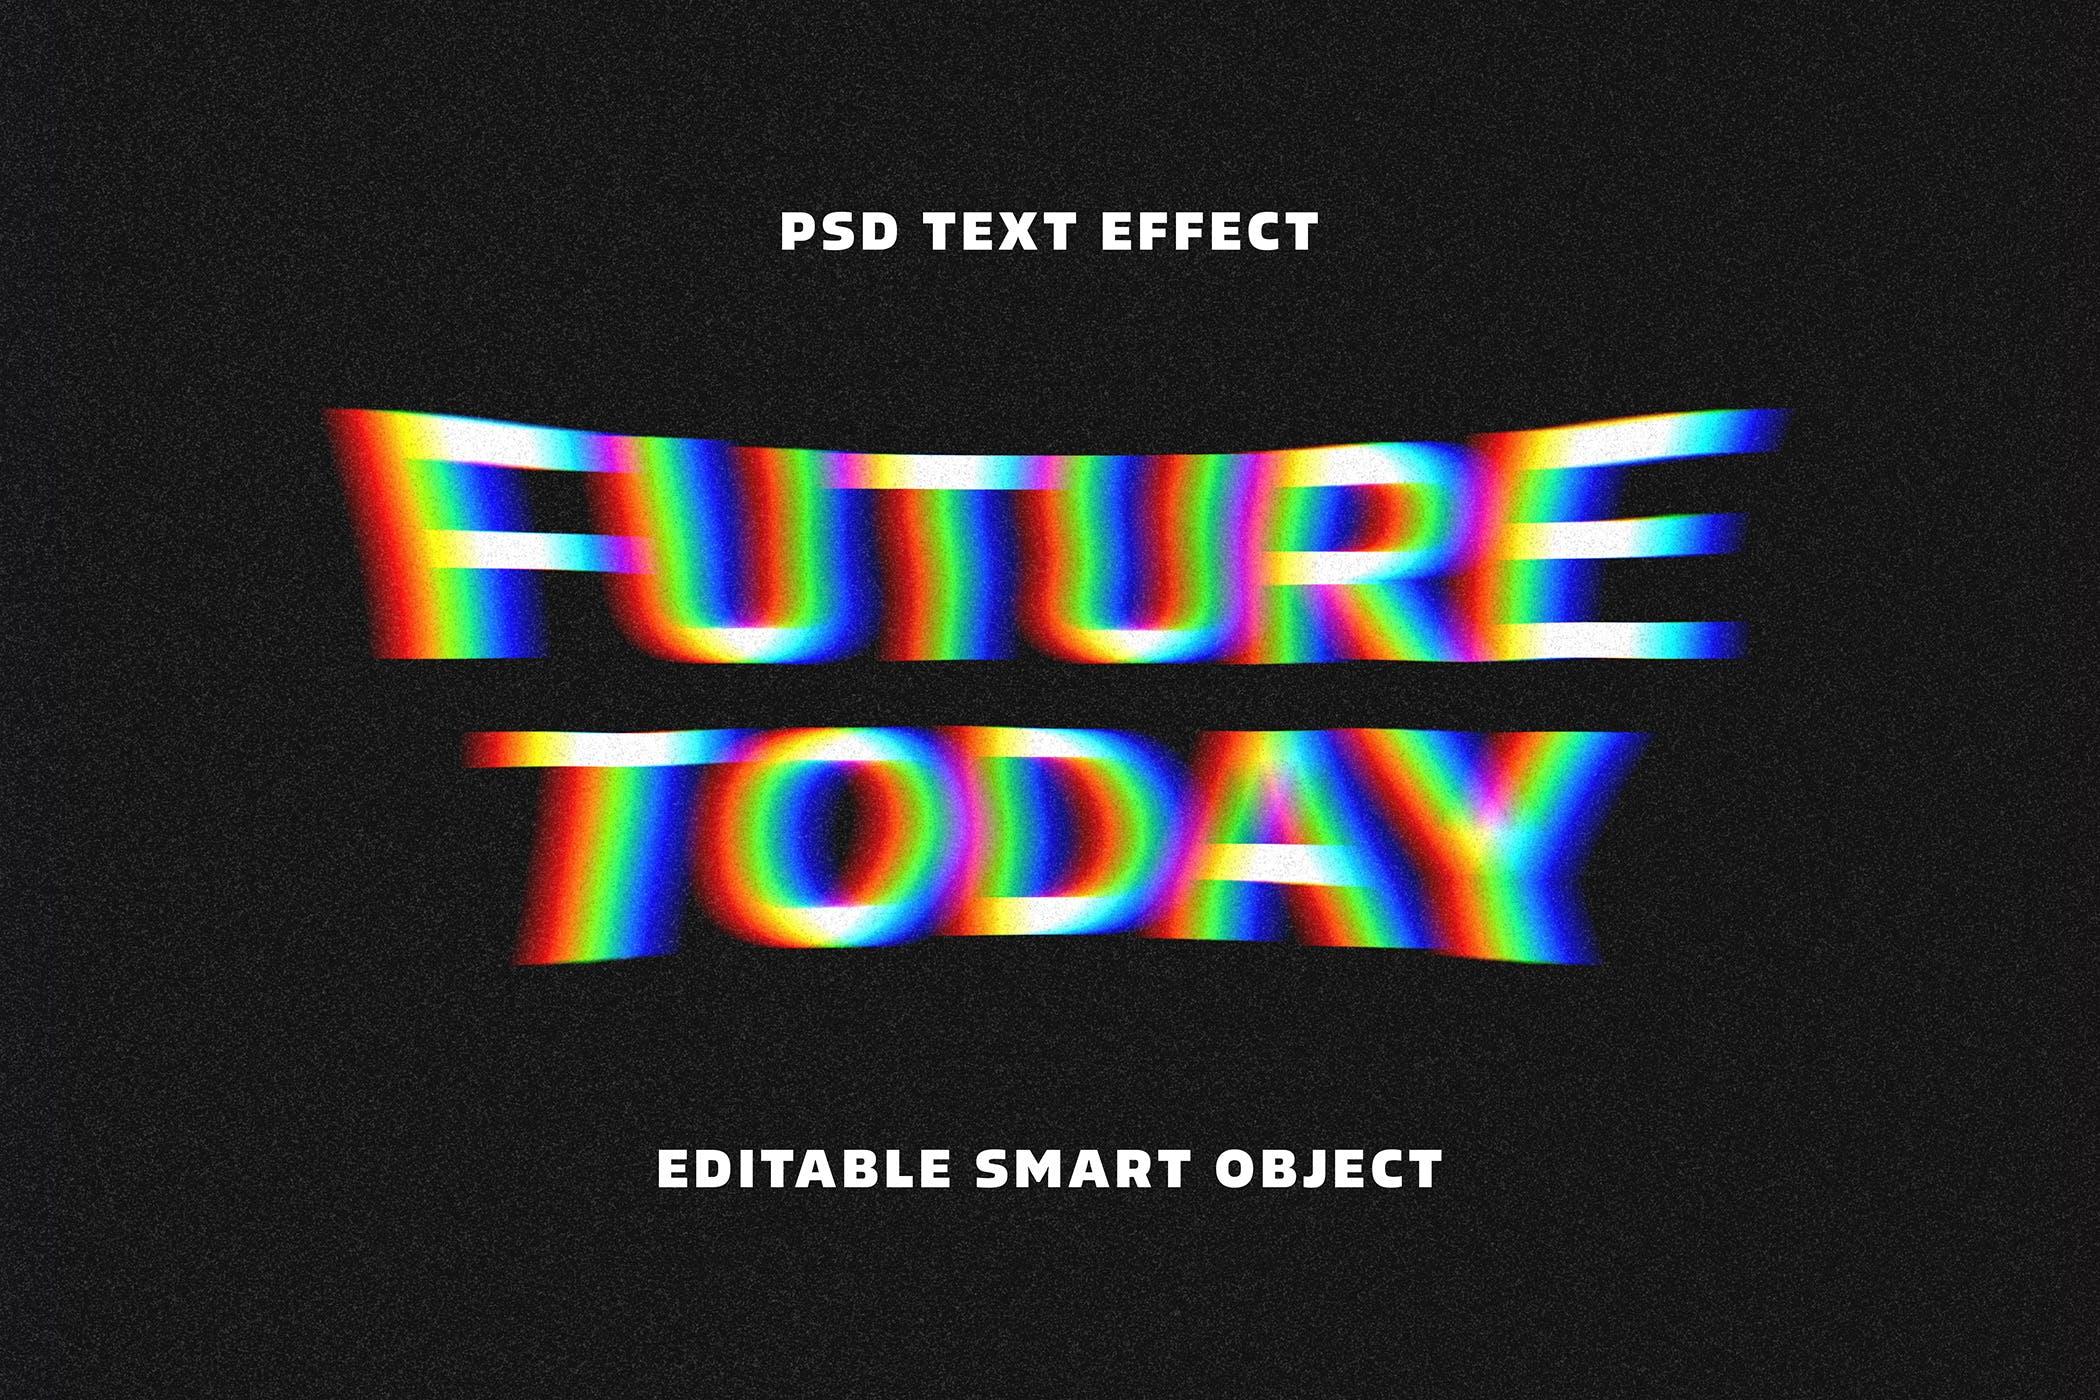 文本效果图层样式晕眩故障 Acid Glitch Text Effect设计素材模板